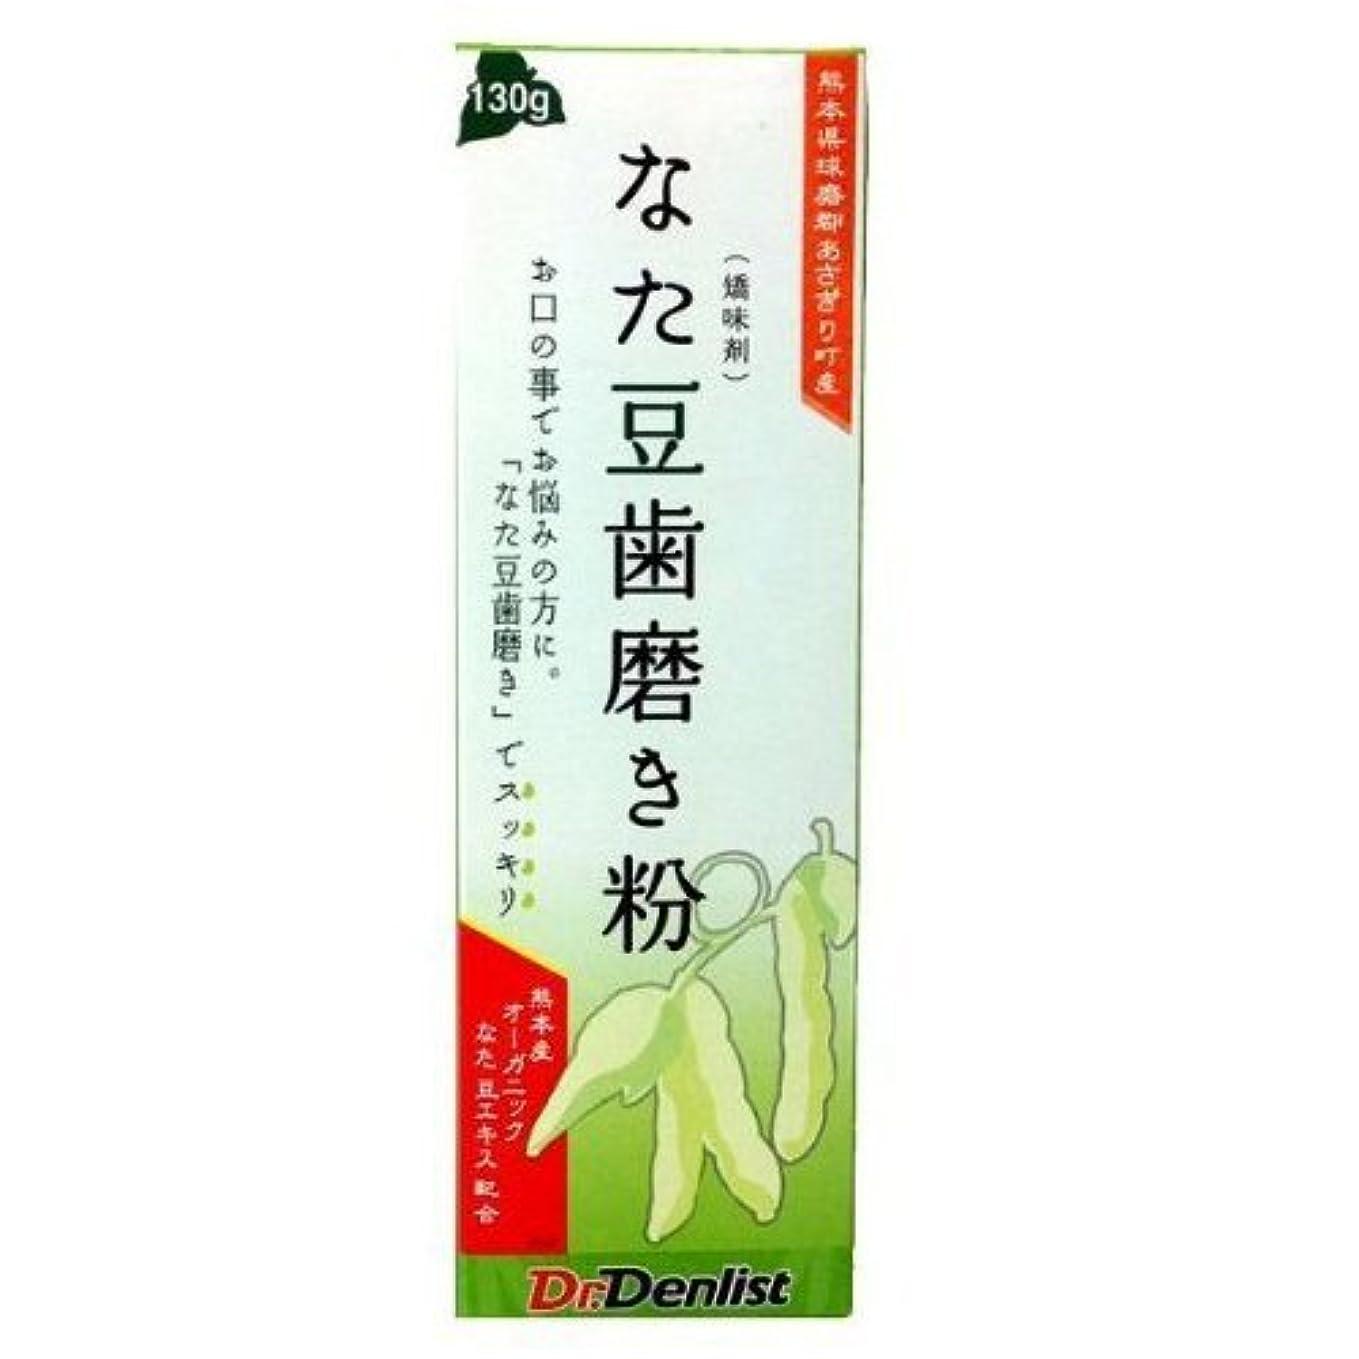 同じ幻想的イベントなた豆歯磨き粉 国産 130g 熊本県球磨郡あさぎり町産